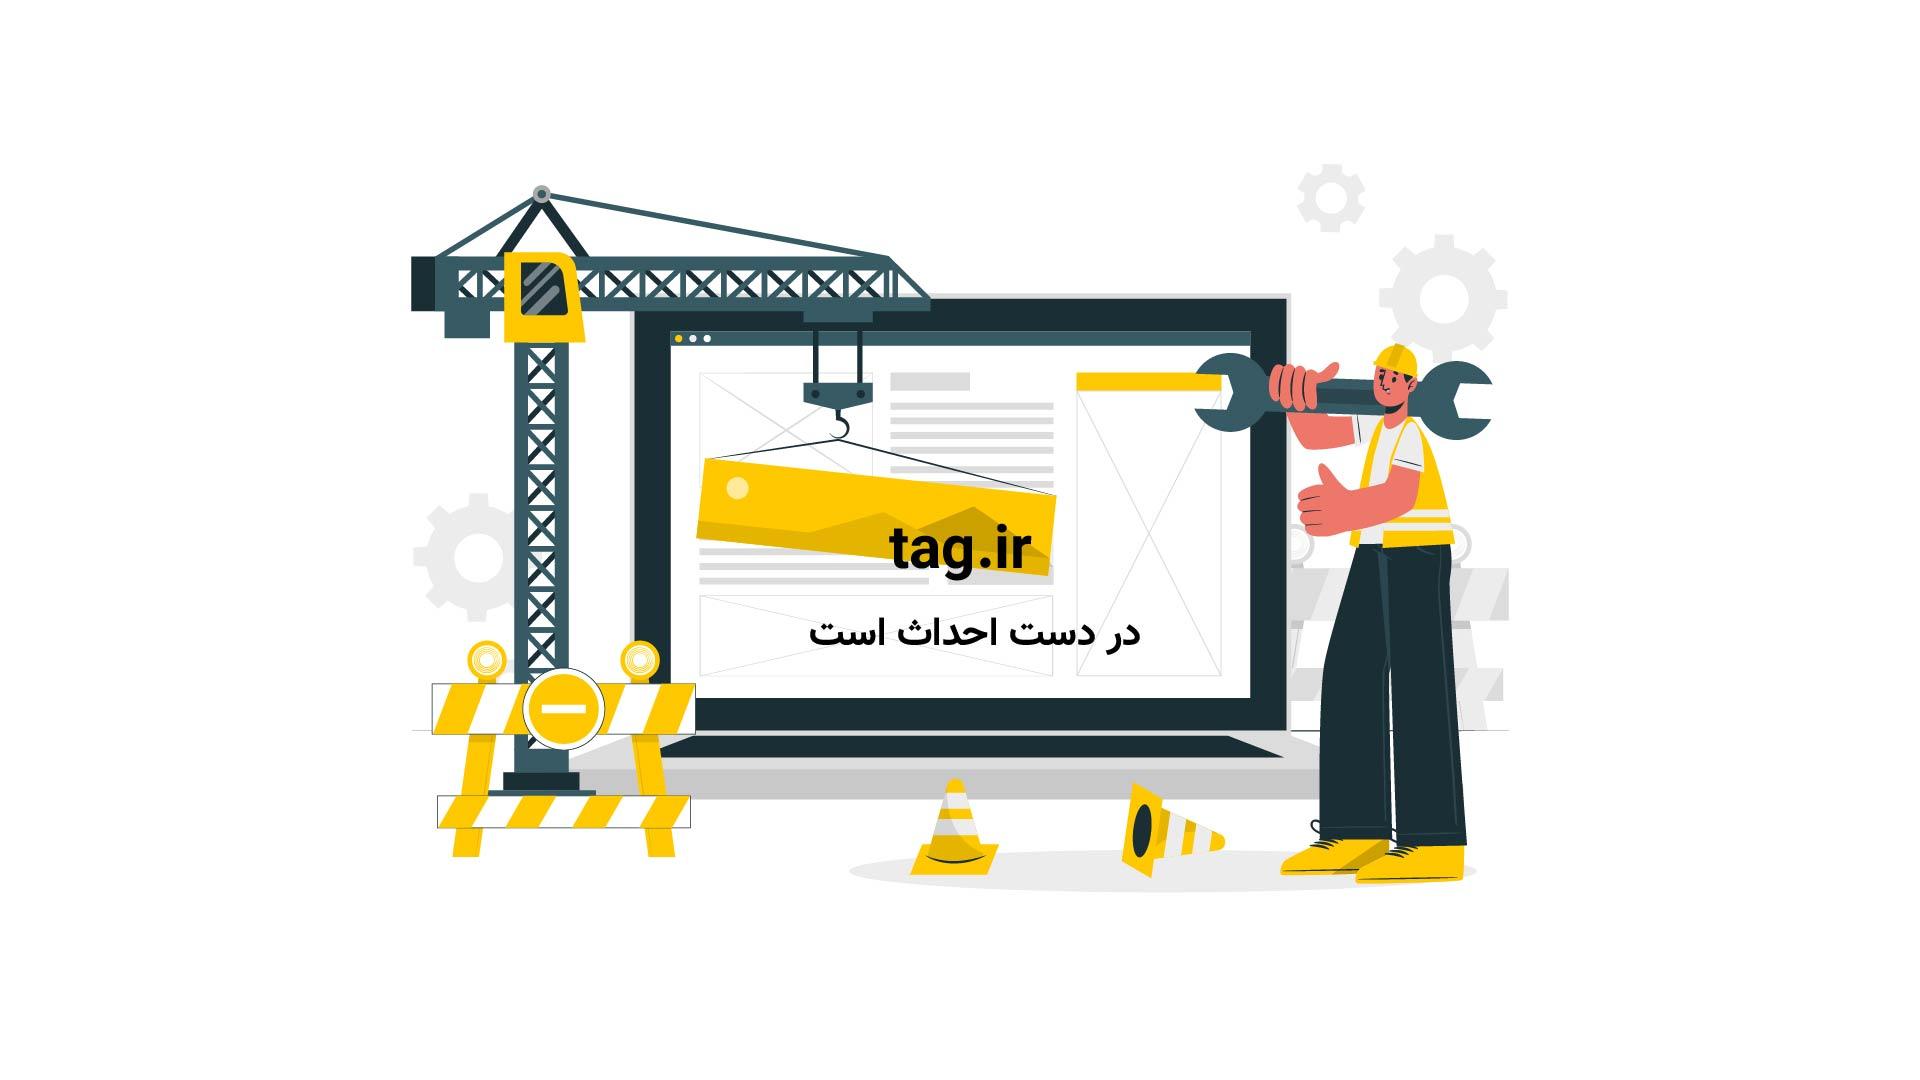 پهپاد تاکسی در دبی   فیلم